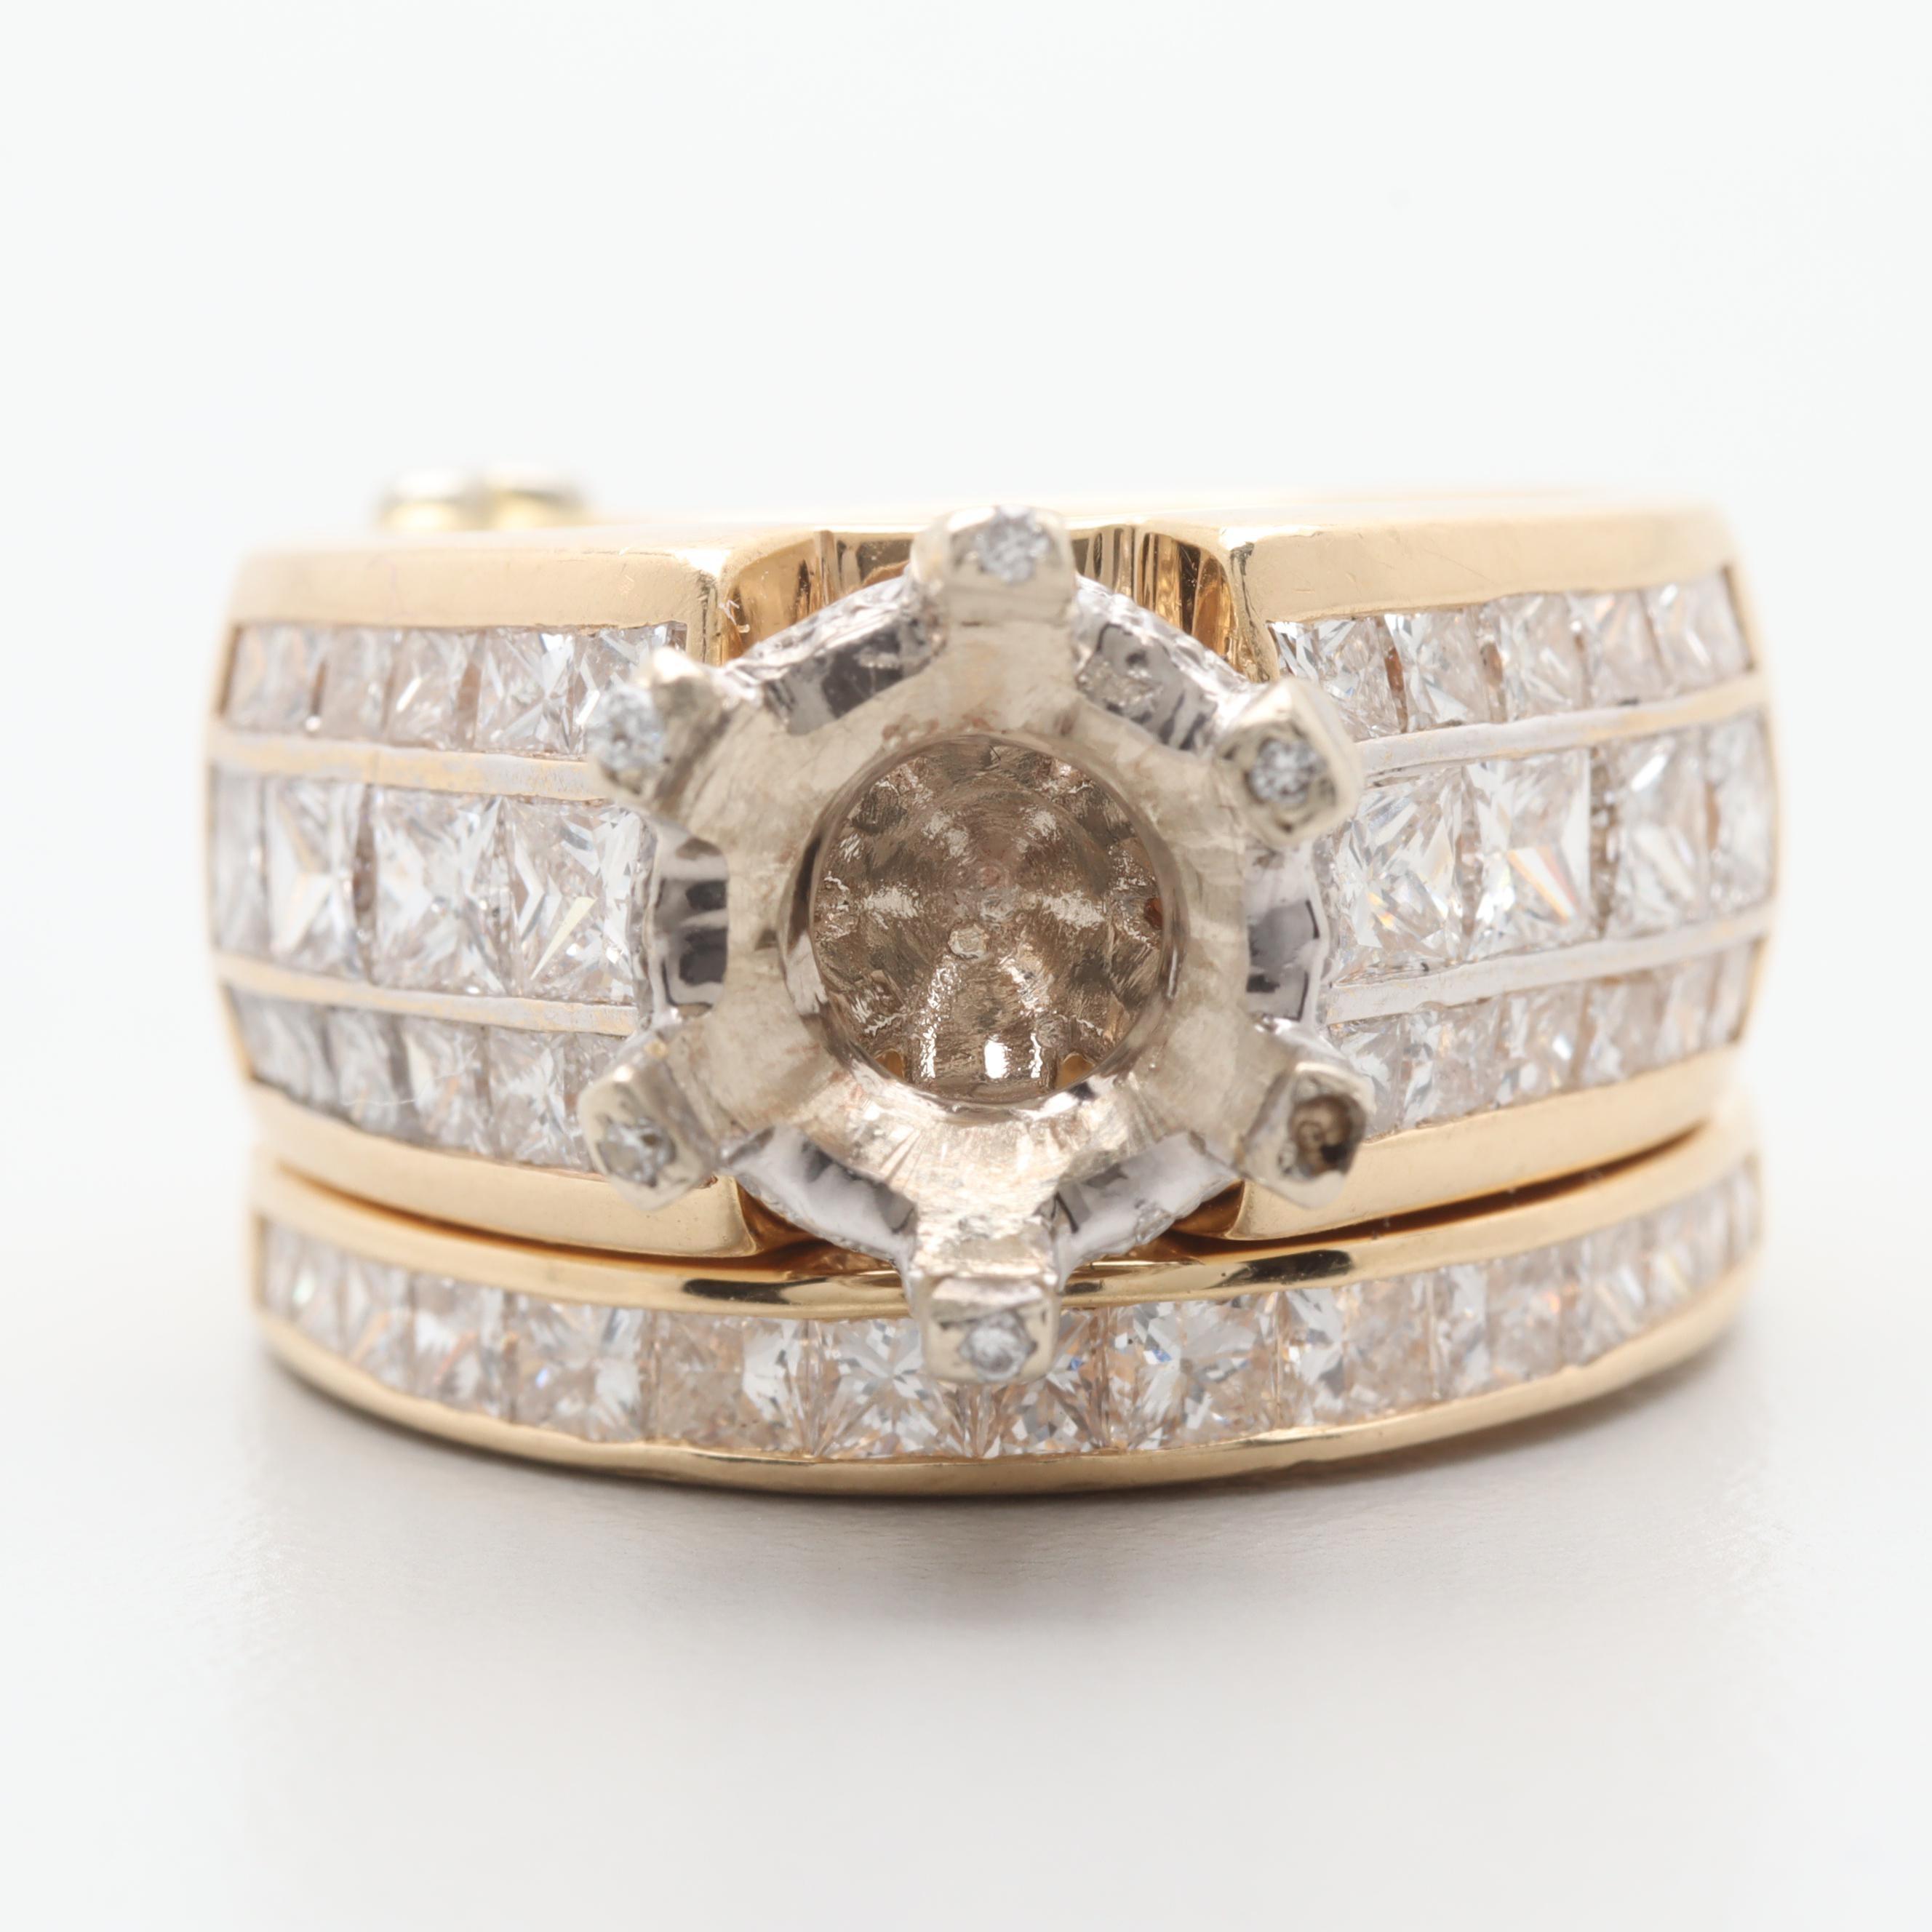 14K Yellow Gold 3.37 CTW Diamond Bridal Wedding Ring Mount Set